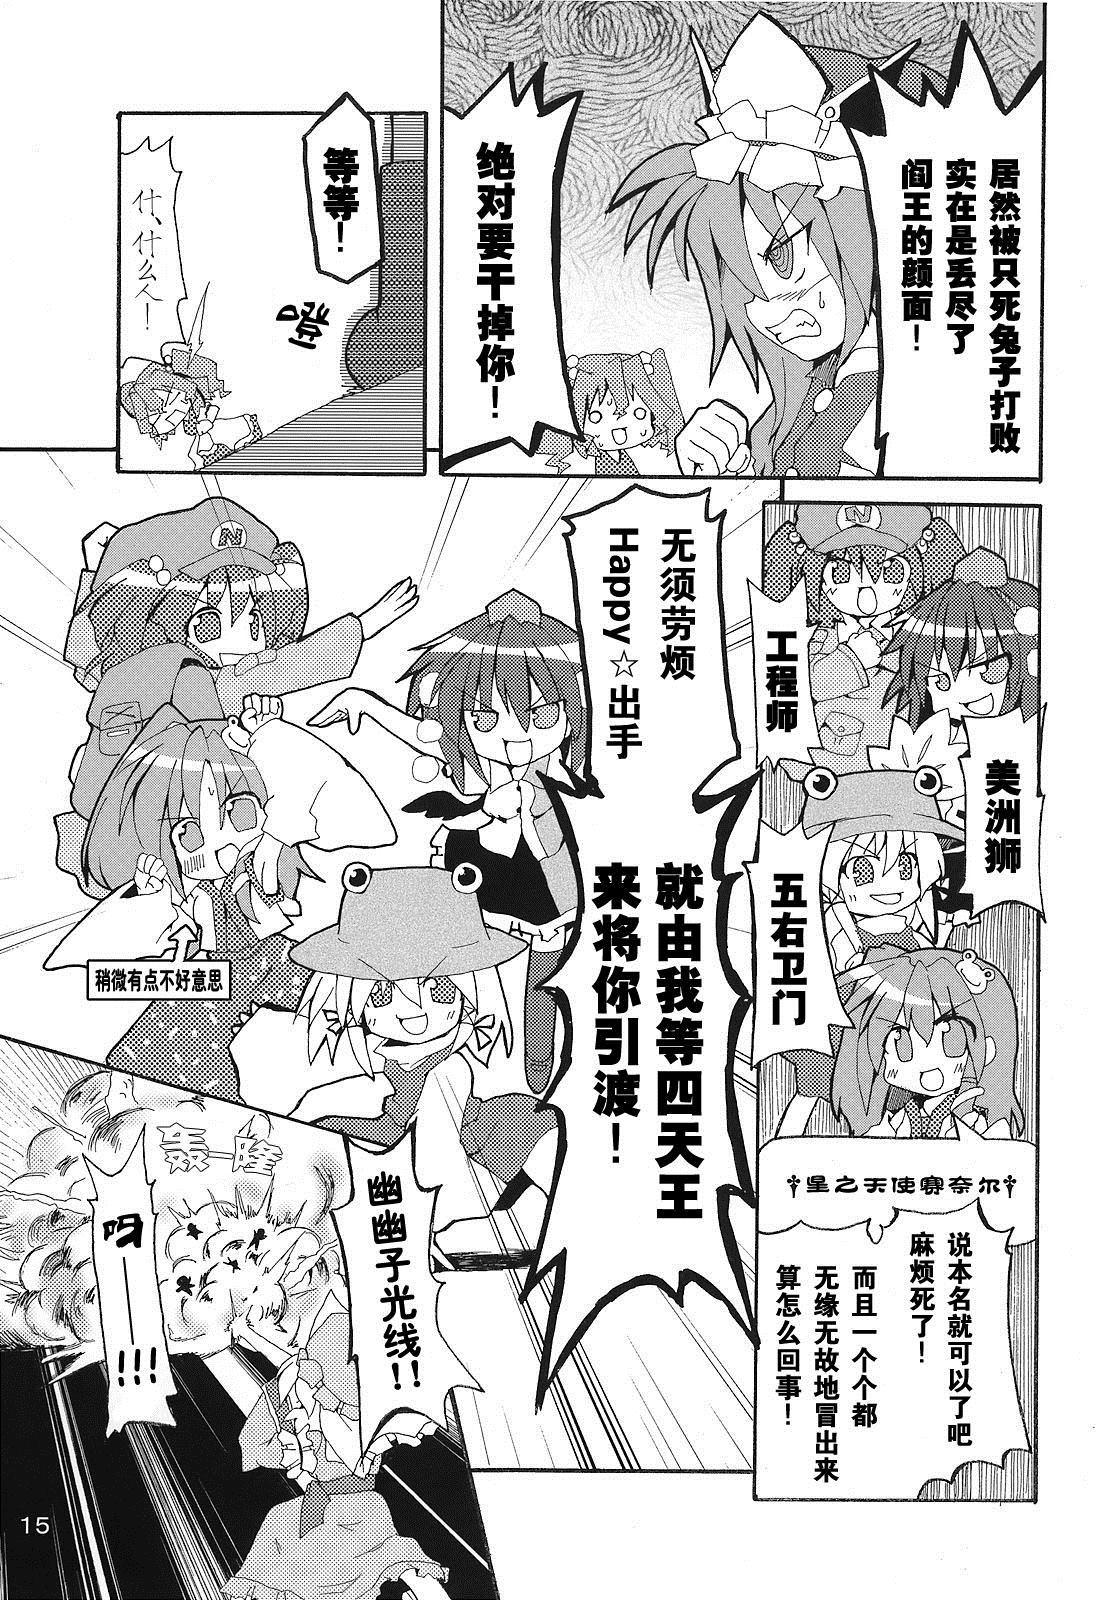 与映姬大人一起玩Wii! - 第1话 - 5